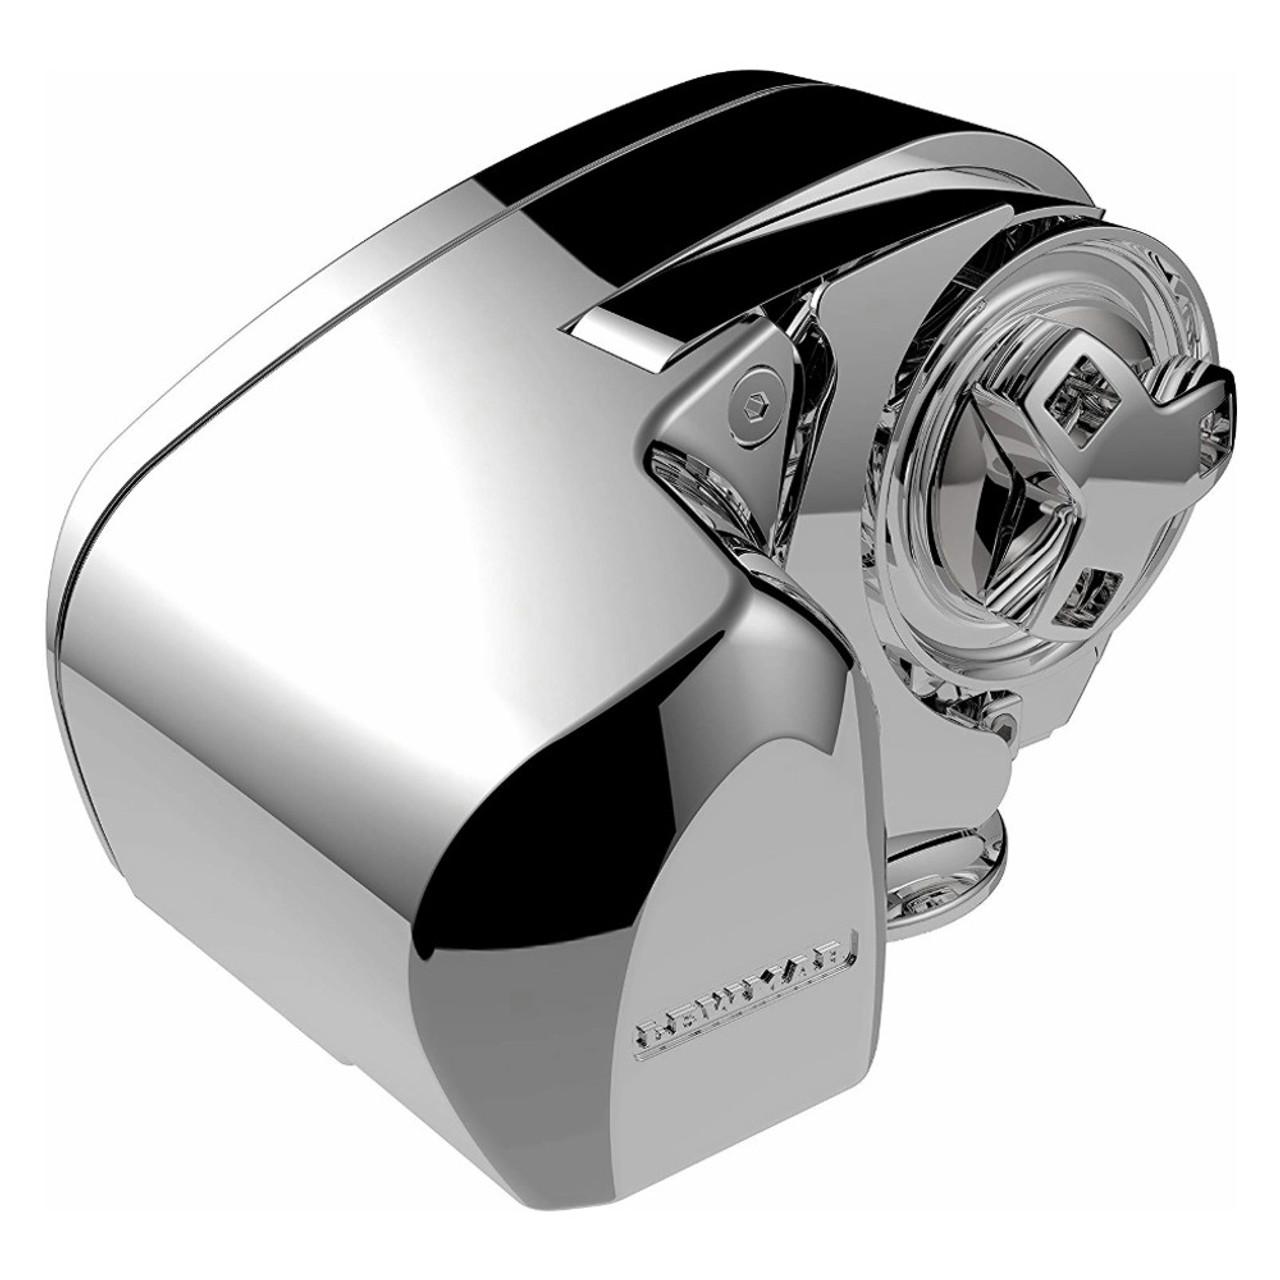 6657011108-102 - Lewmar Pro 1000H Windlass